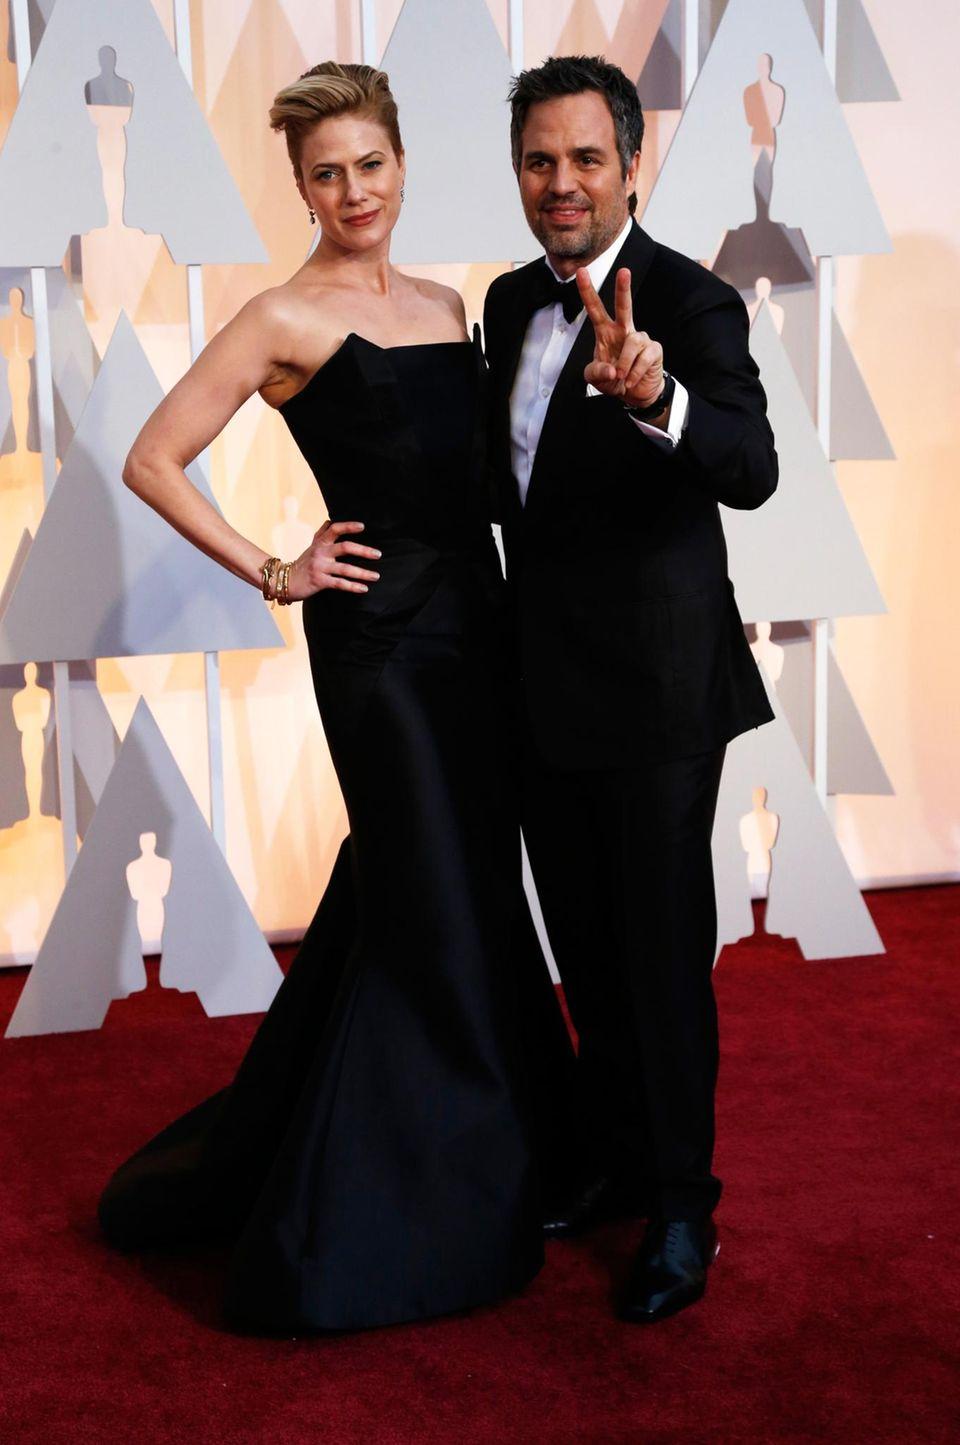 """Mark Ruffalo ist für seine Rolle in """"Foxcatcher"""" nominiert und bringt Frau Sunrise Coigney mit zur Veranstaltung."""